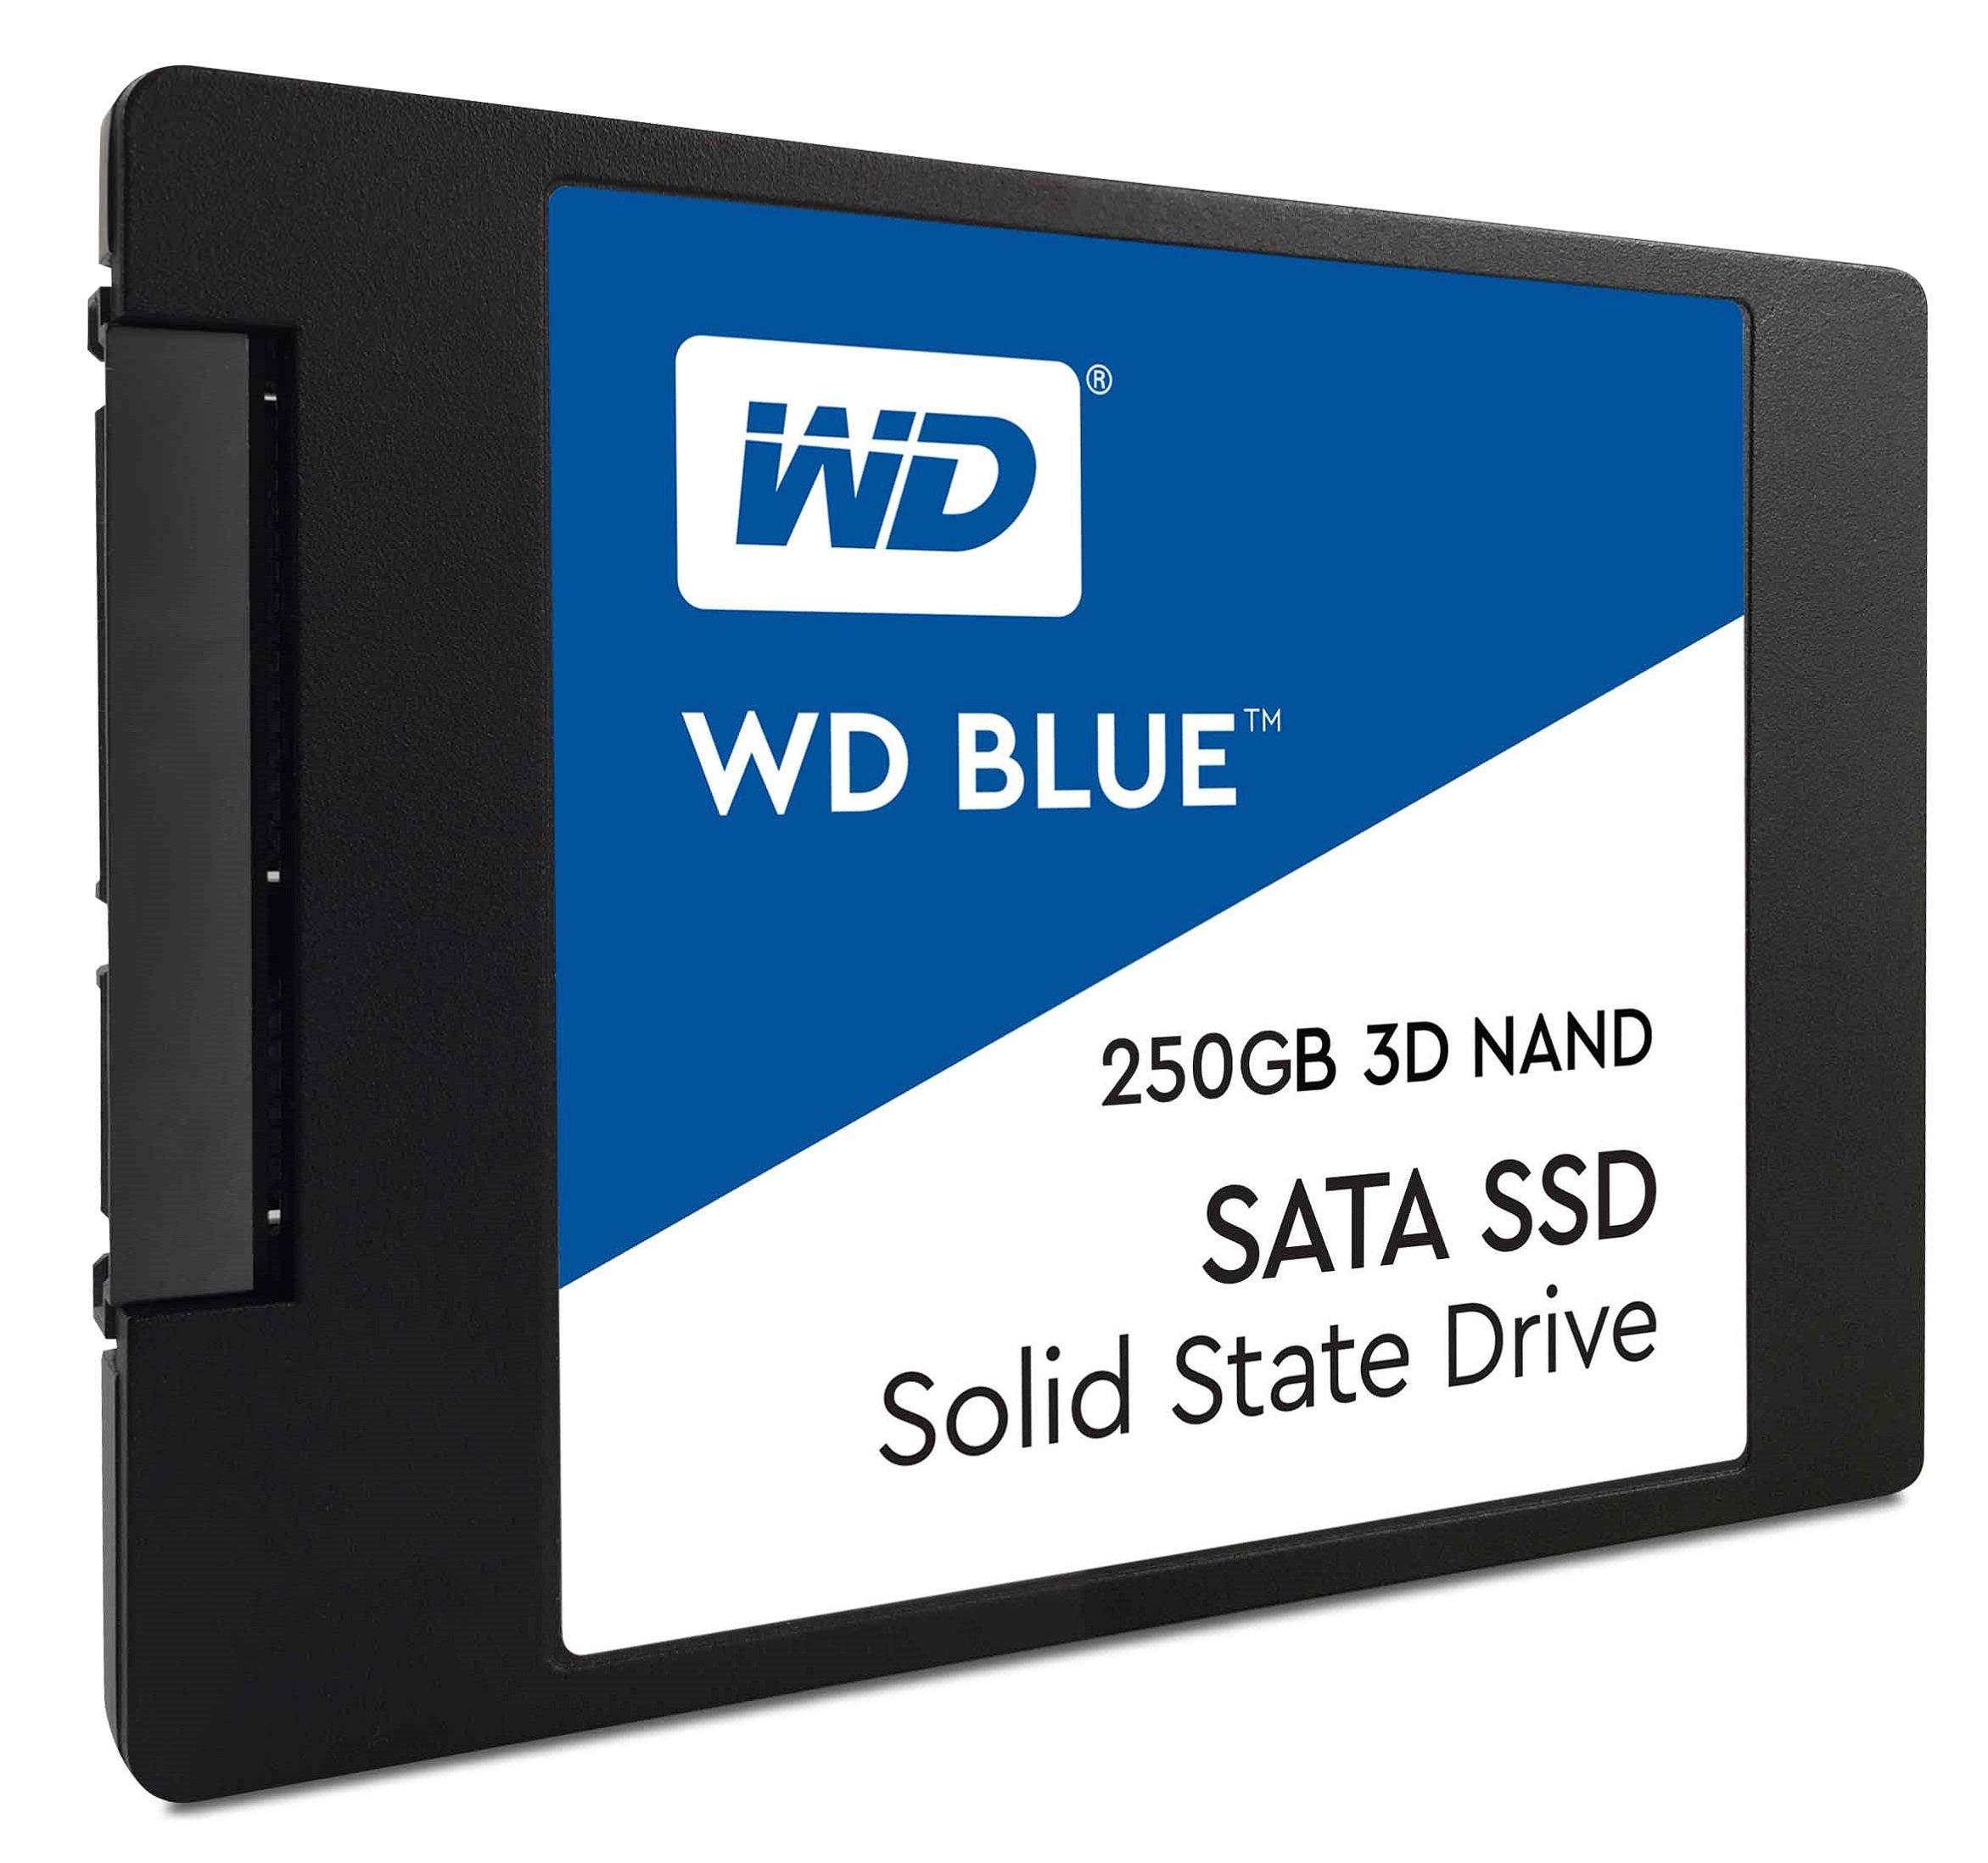 WD Blue 3D NAND 250GB PC SSD - SATA III 6 Gb/s 2.5''/7mm Solid State Drive - WDS250G2B0A